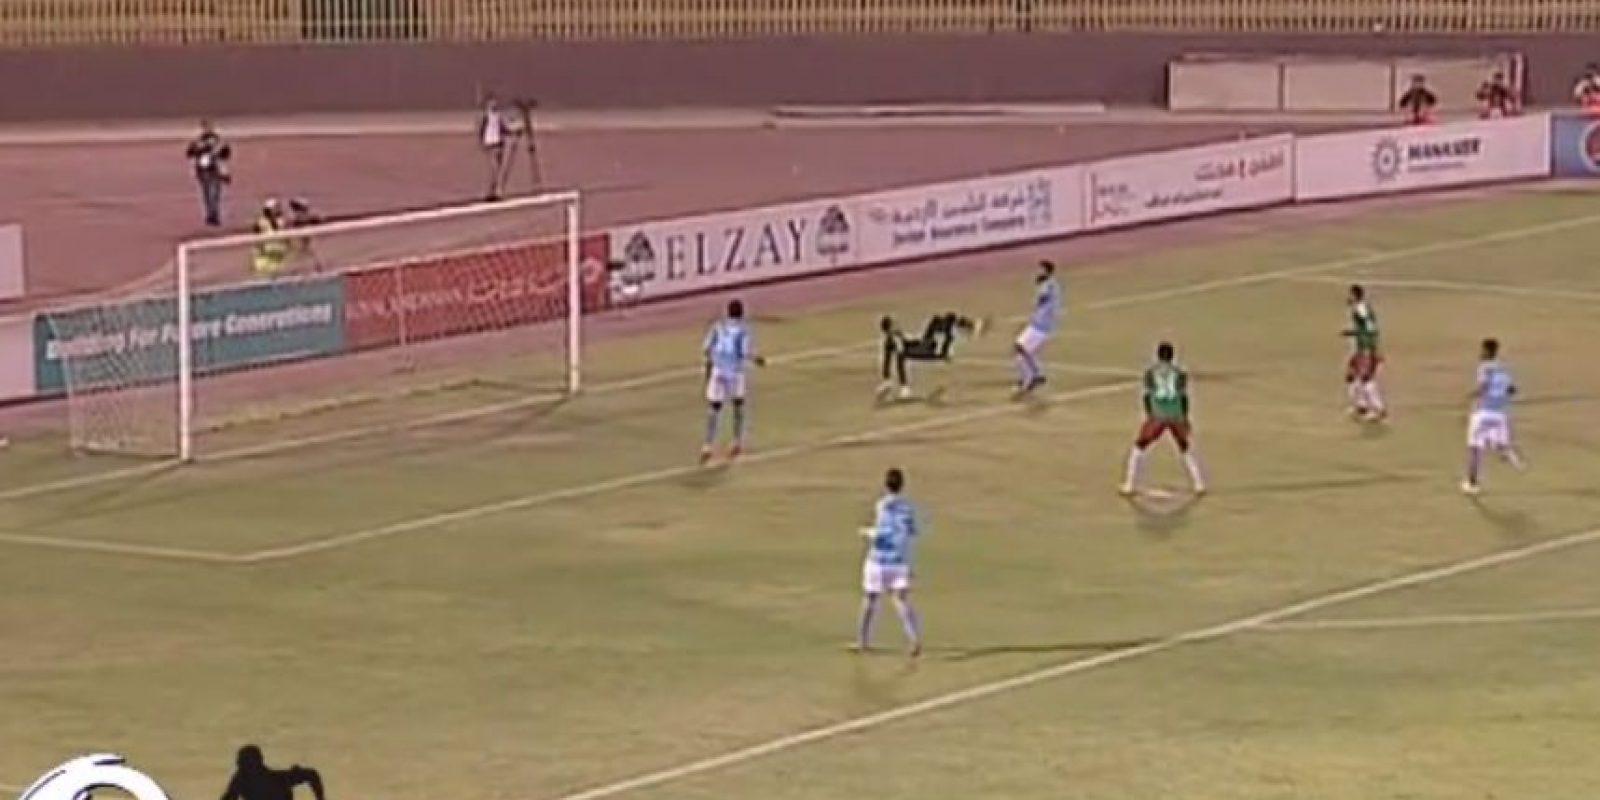 Mohammad Shatnawi, del Al Faisaly, marcó un espectacular tanto en propia meta Foto:Youtube: mohammad qsrawi